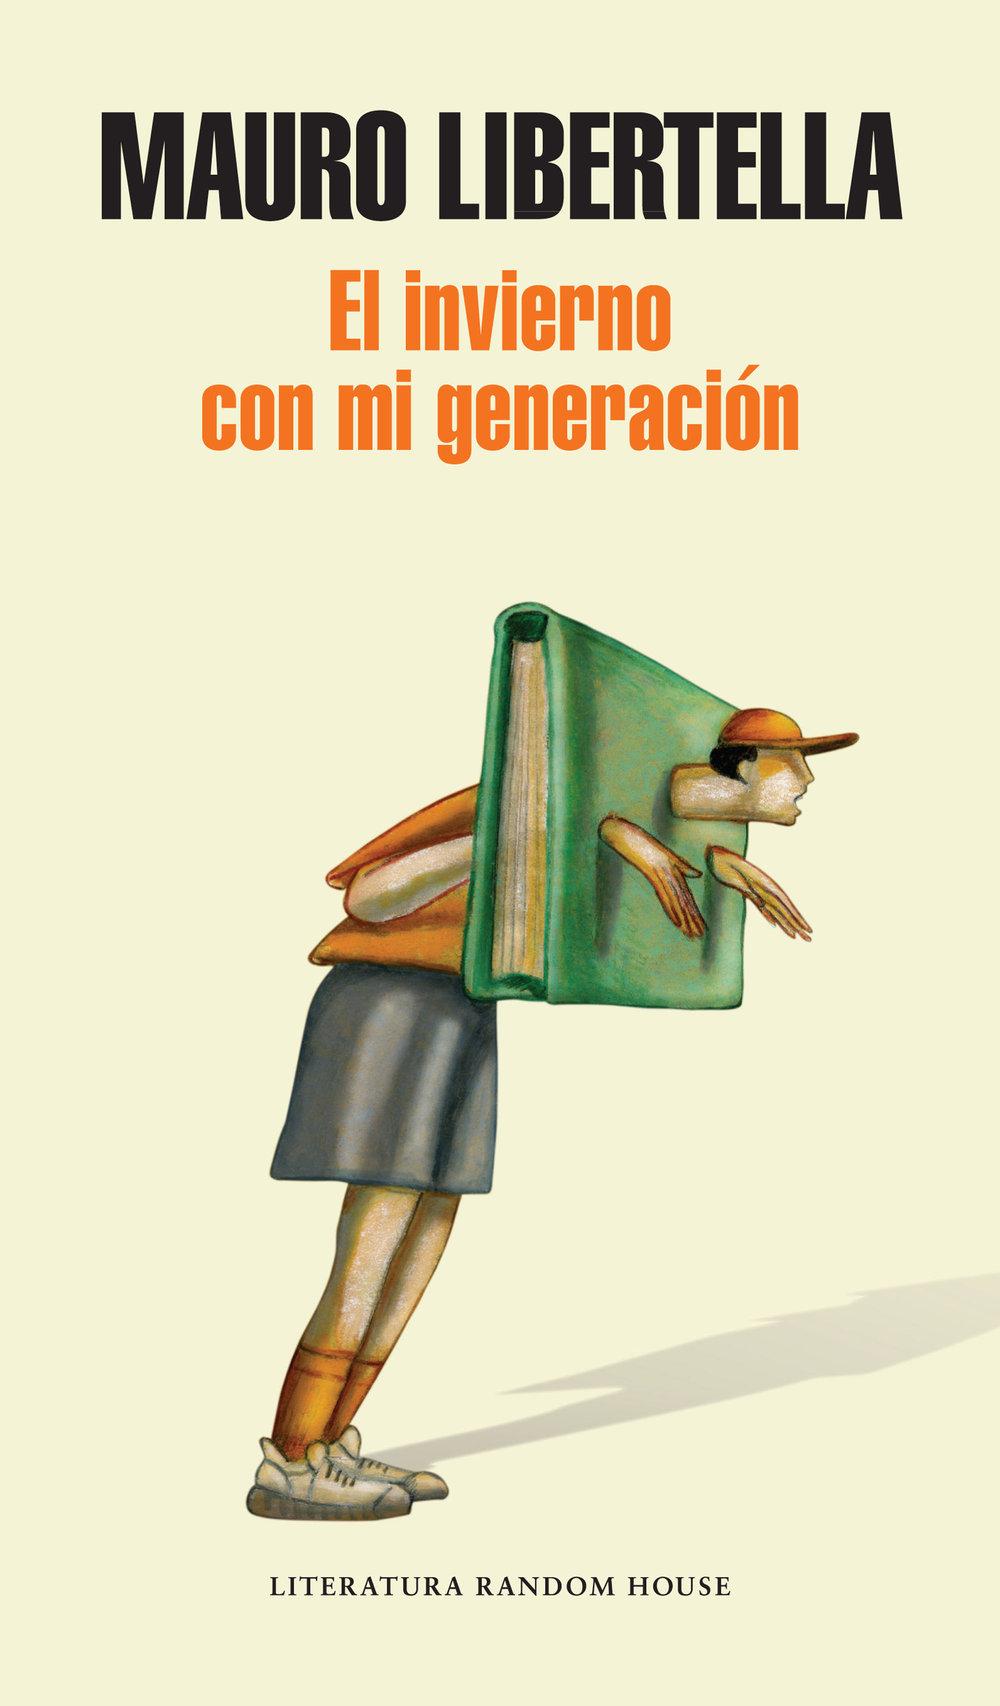 libertella_el_invierno_con_mi_generacin_prh_ar_portada_1.jpg